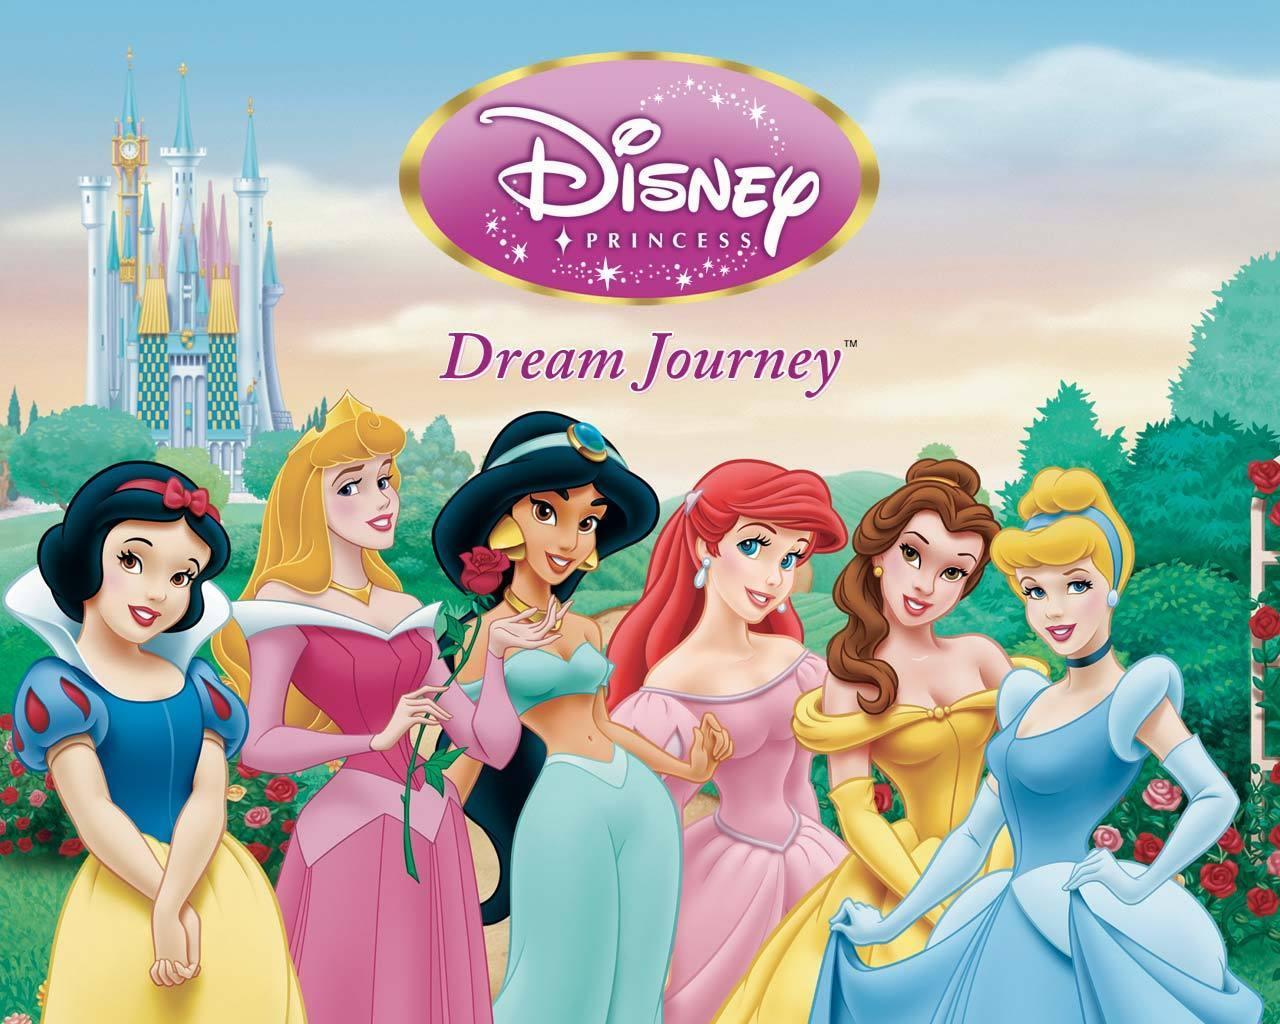 Disney Barbie And Disney Princess - Disney Barbie And Disney Princess